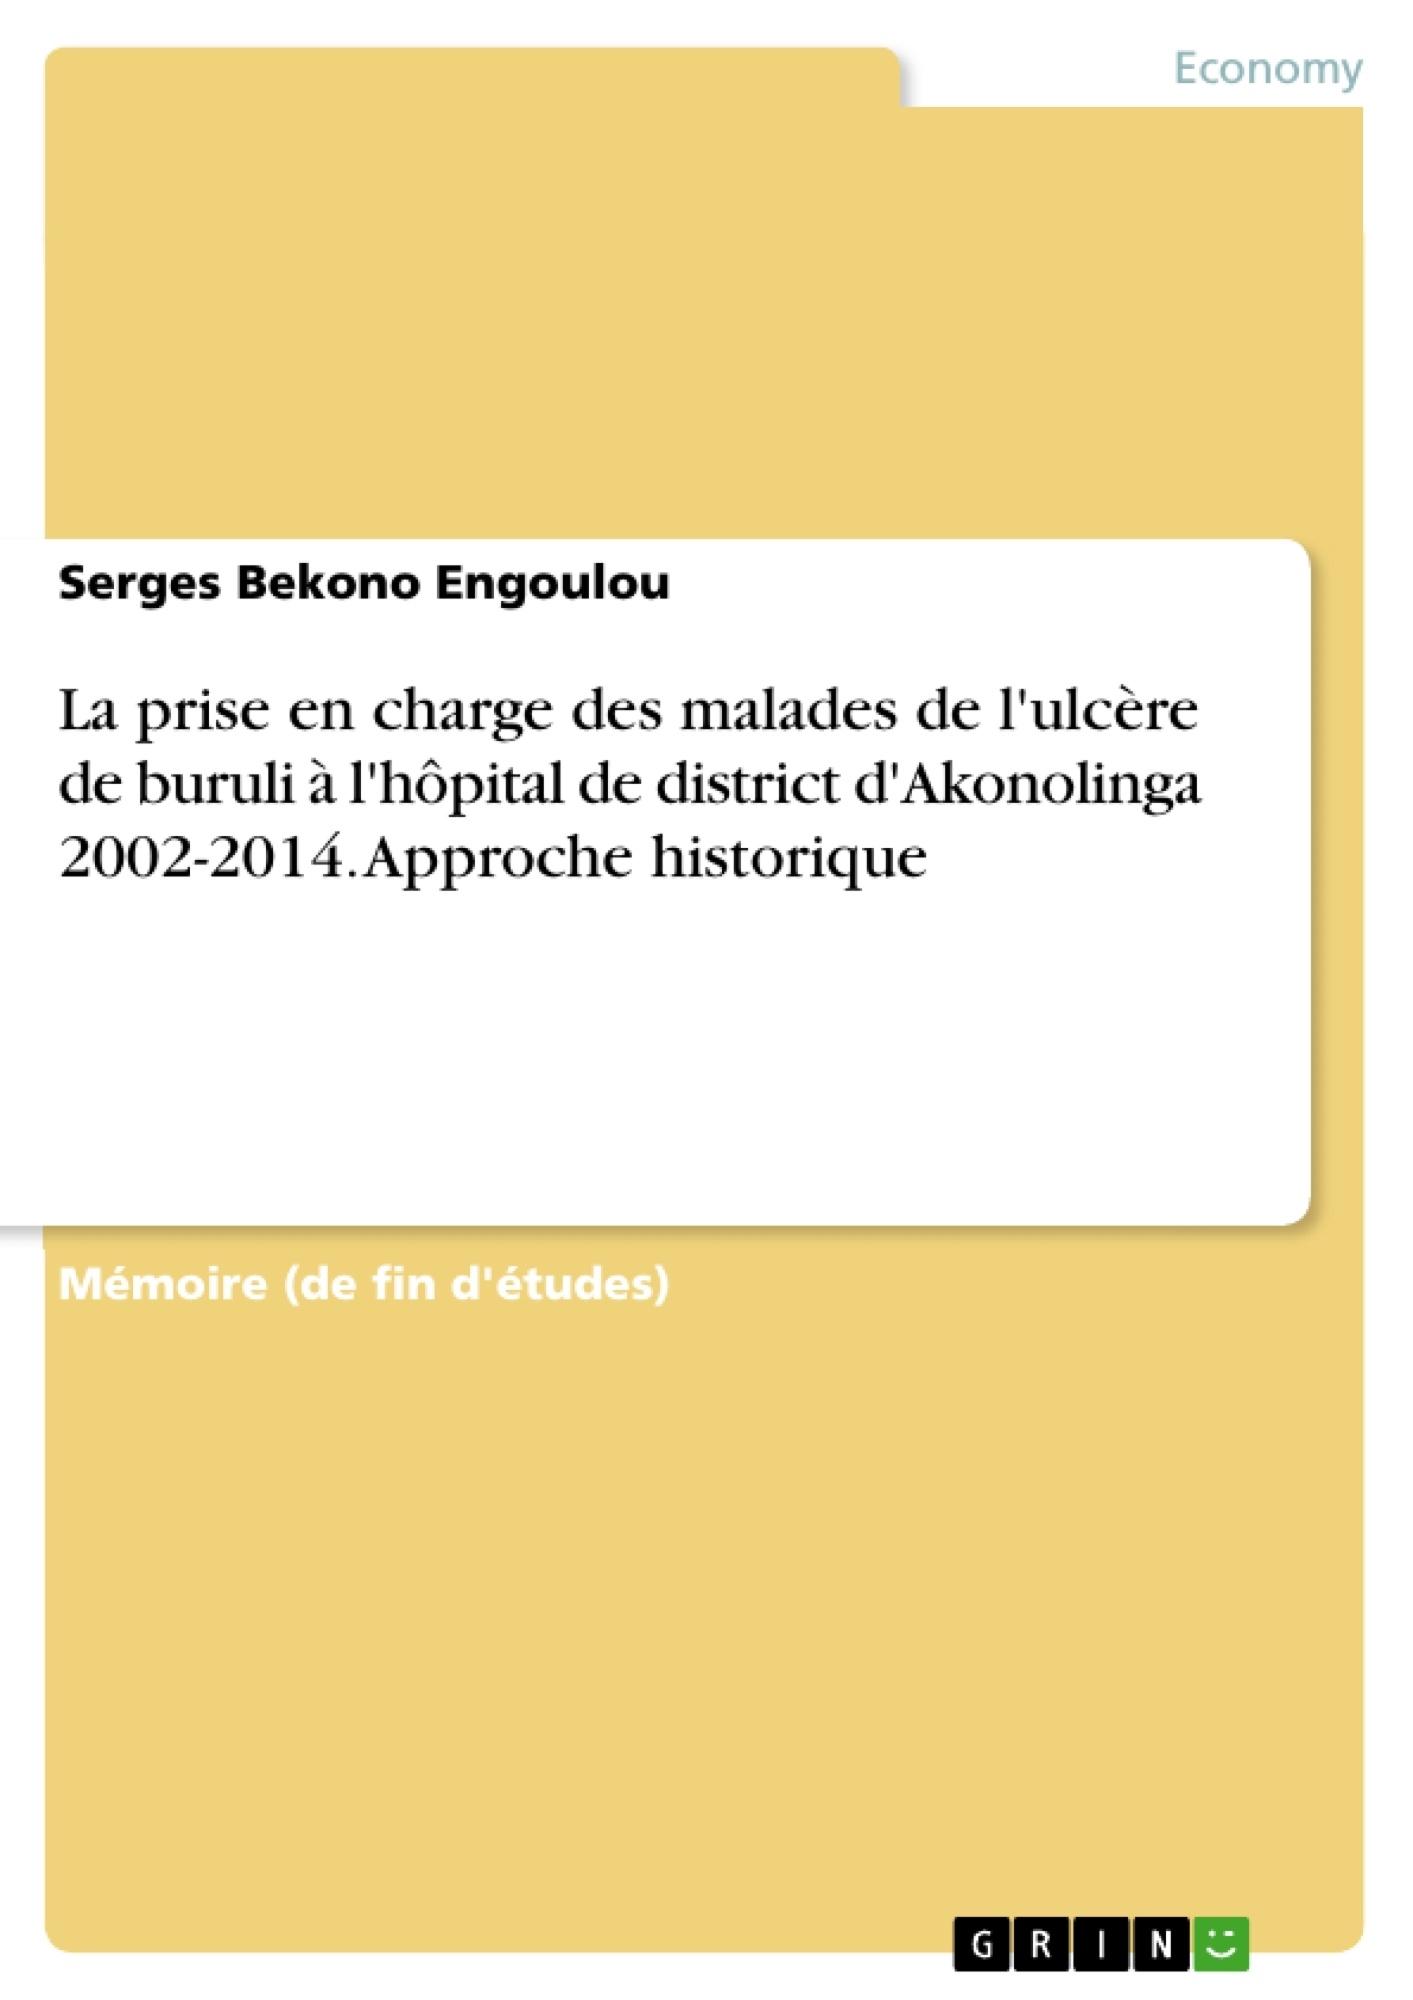 Titre: La prise en charge des malades de l'ulcère de buruli à l'hôpital de district d'Akonolinga 2002-2014. Approche historique